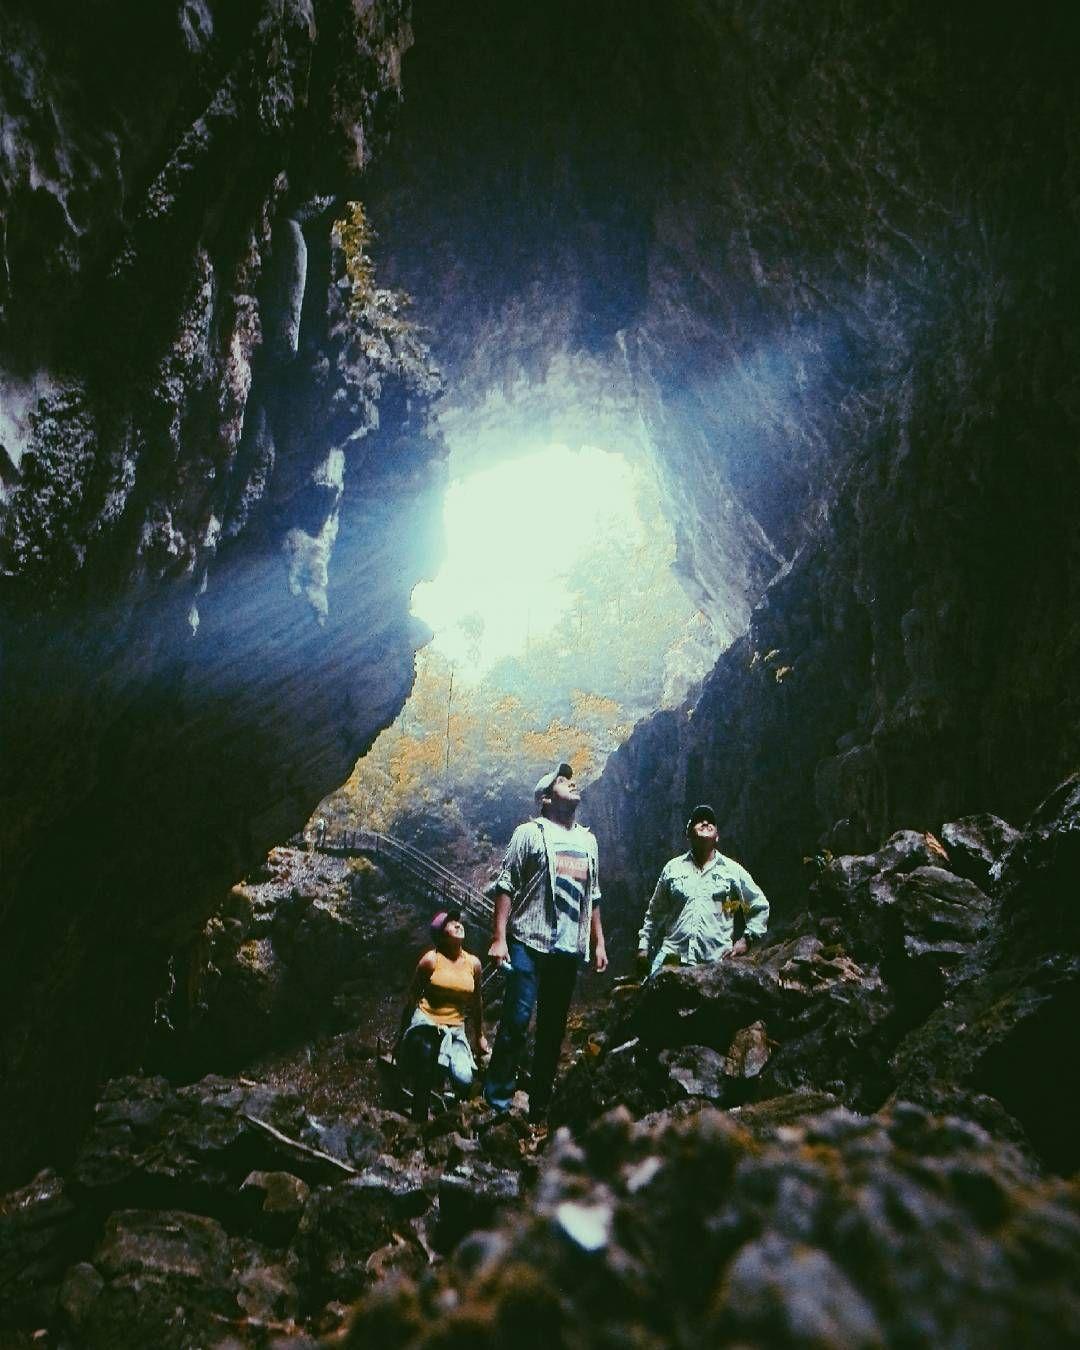 Una cueva de aproximadamente 100mts. de longitud con una altura de 80mts. Cuentan que la travesía de 2 hrs. por TUBING es la mejor  experiencia de la visita.  #exploretocreate #visualoflife #createxplore #peoplescreative  #justgoshot #quepeladoguate #guatemalaMagica #GuatePorDescubrir #QuePeladoGuate #GuatePhoto #Allyouneedisguatemala #visitguatemala #ExplorandoGuatemala #AdventureThatIsLife #quelindaguate #adventure #photographer #PrimeroLaComunidad #HallazgoSemanal #Instagramers #naturelover #landscape #naturelife #naturaleza #naturelovers #adventurestuffs #adventureislife #artofvisuals #createcommune #exploraguatemala Re-post by Hold With Hope